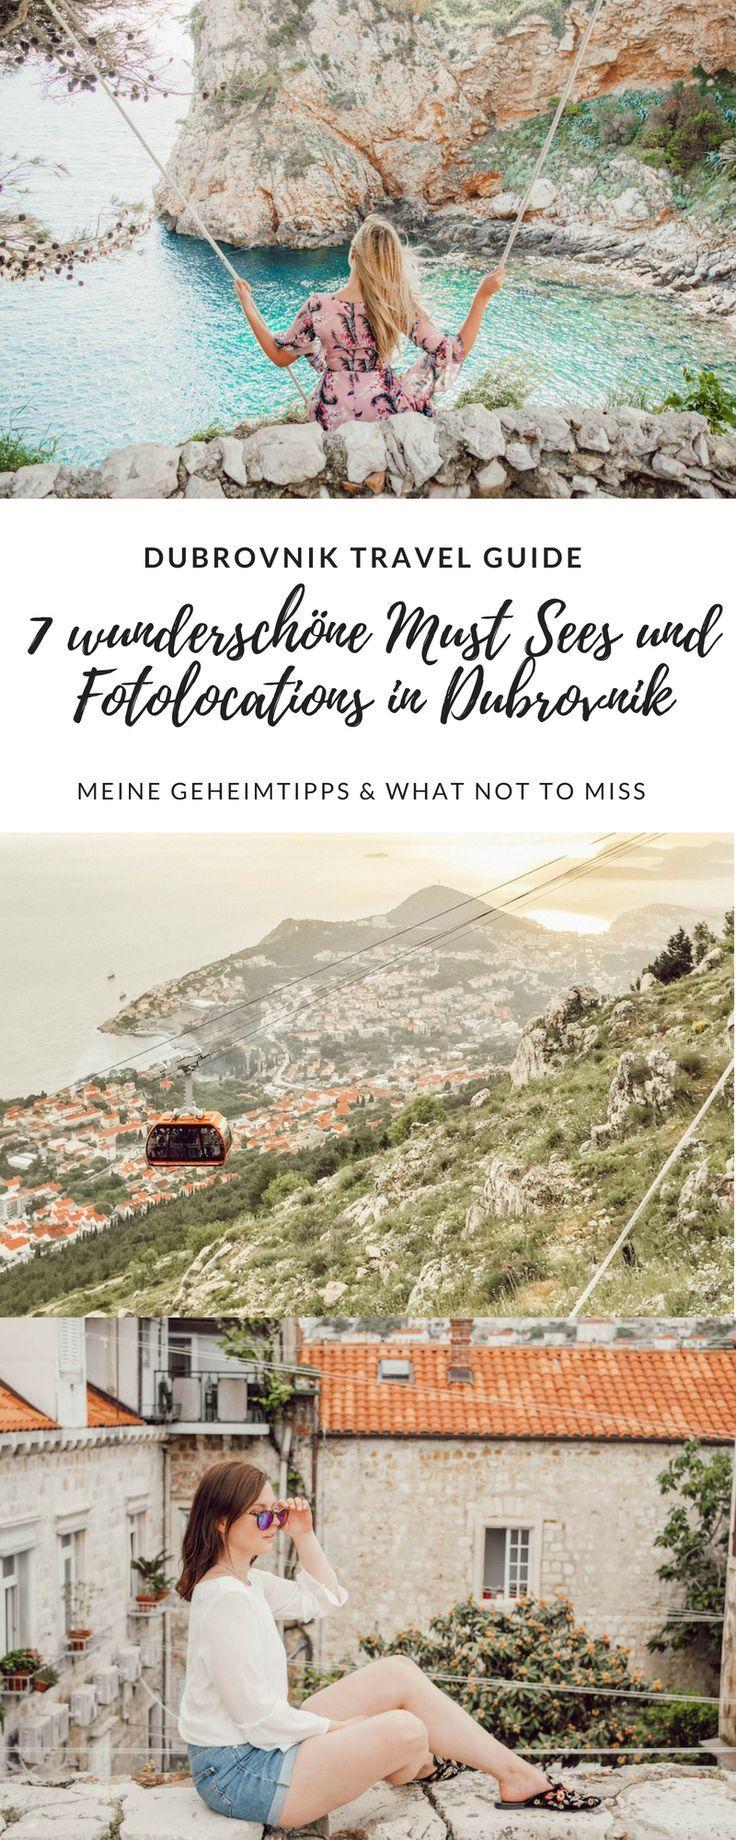 Guía de viaje de Dubrovnik: 7 hermosos lugares para tomar fotos y visitas obligadas en Dubrovnik – Seven & Stories